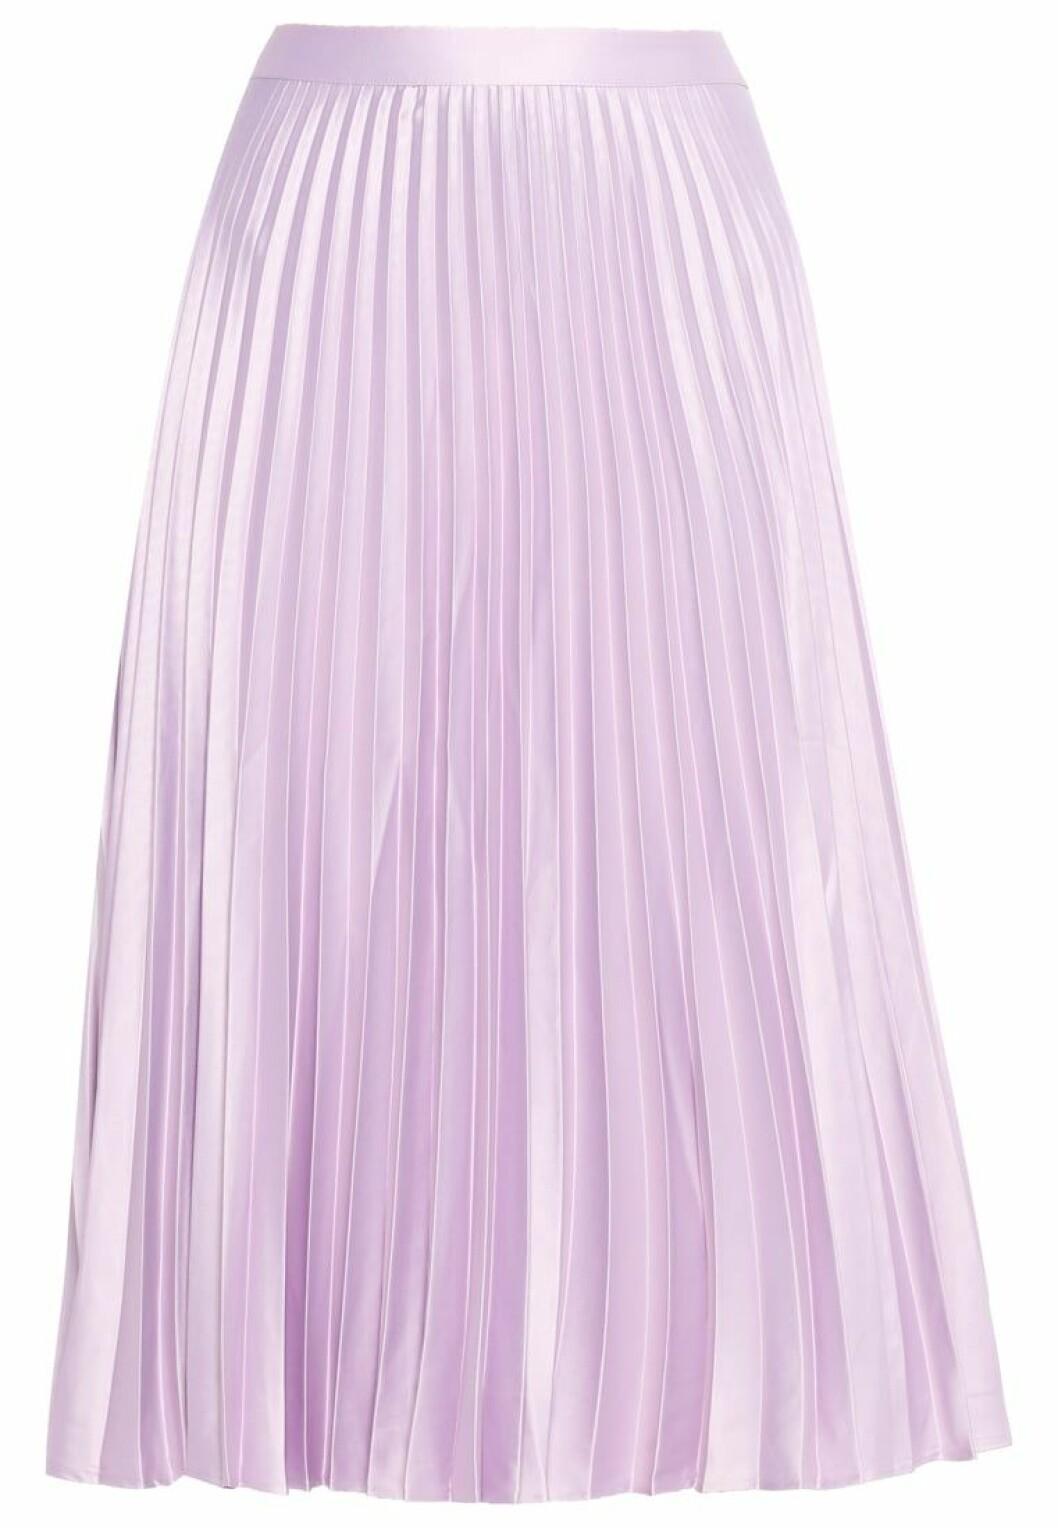 veckad kjol plisserad